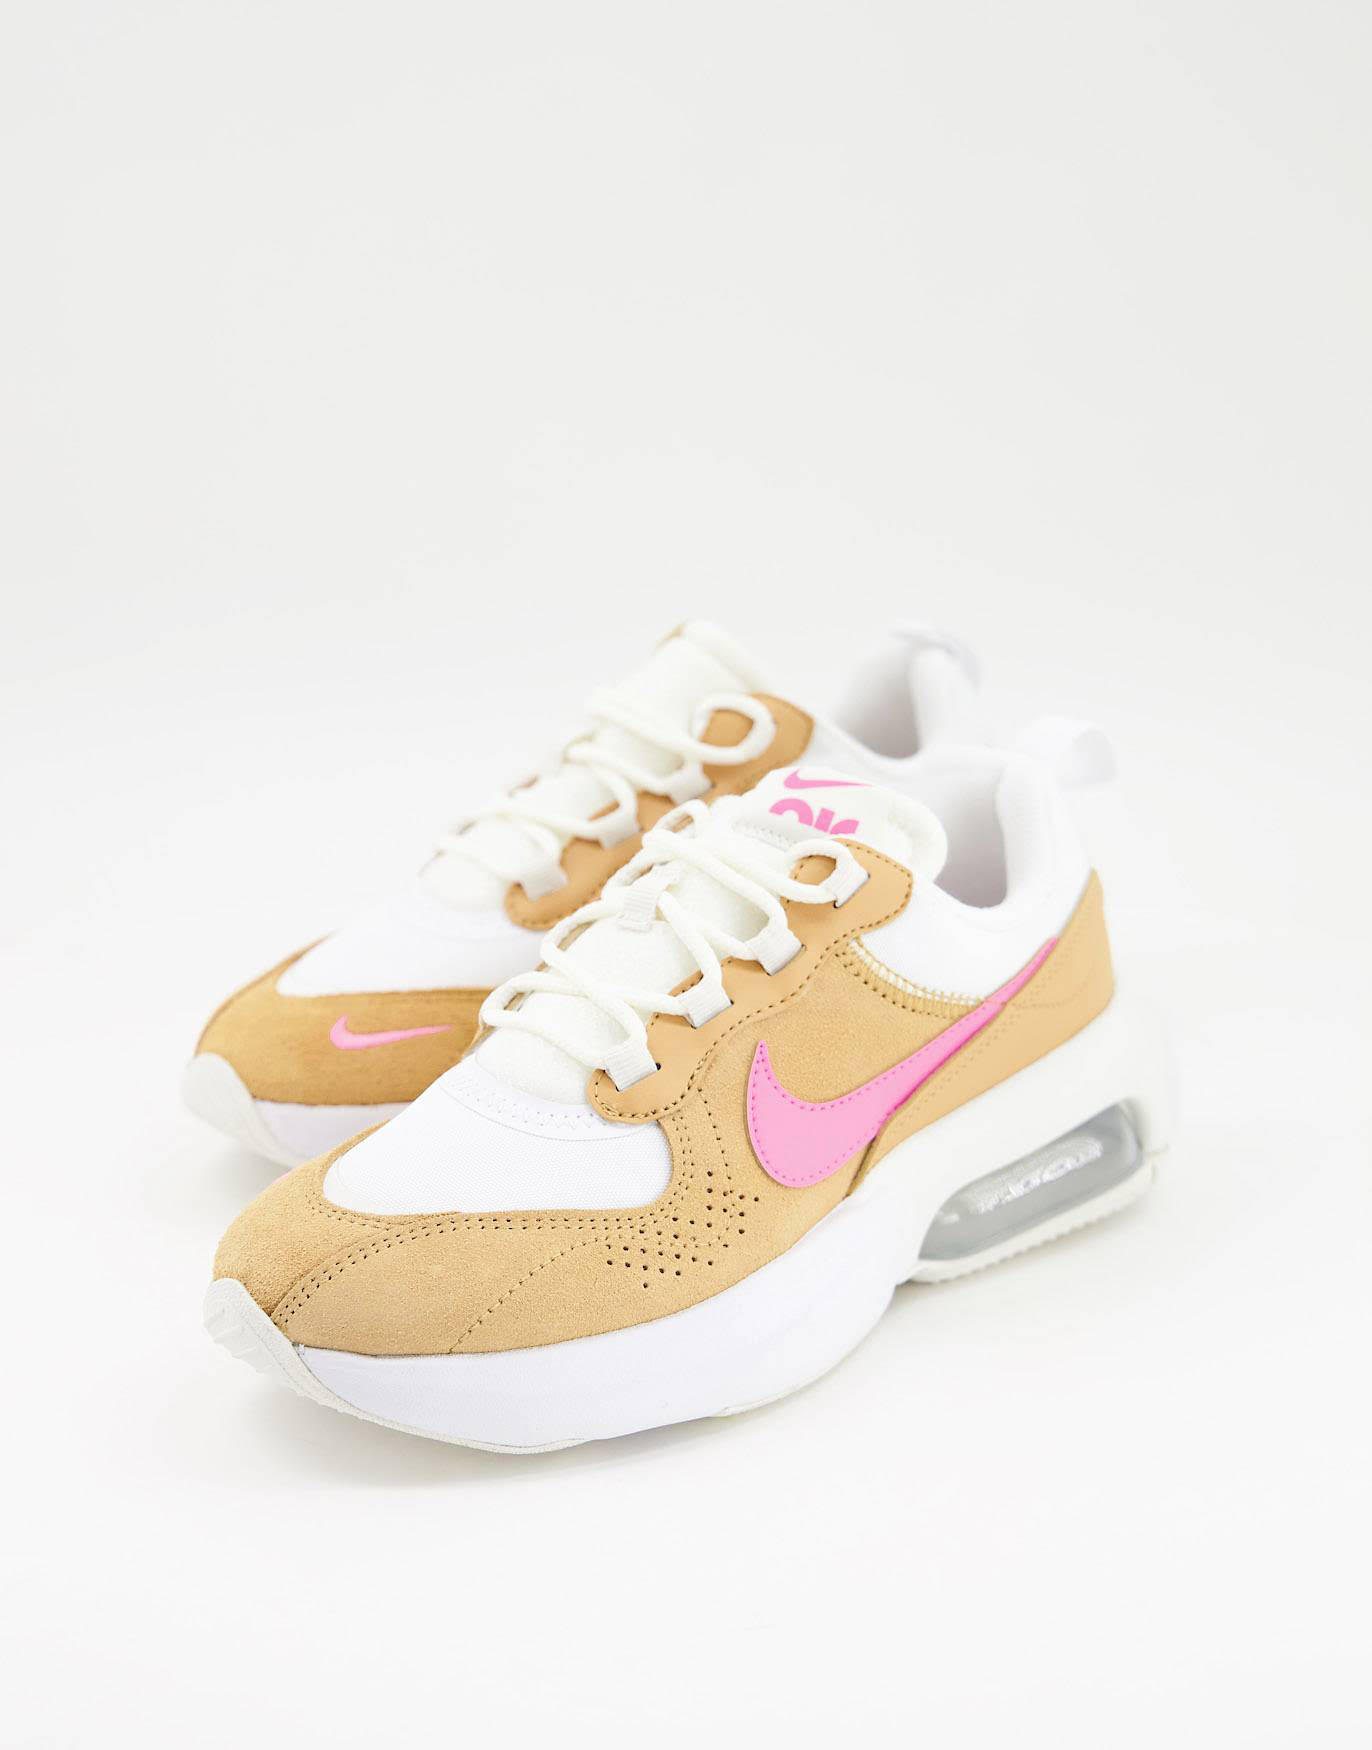 Zapatillas de deporte blancas, naranjas y rosas Air Max Verona de Nike